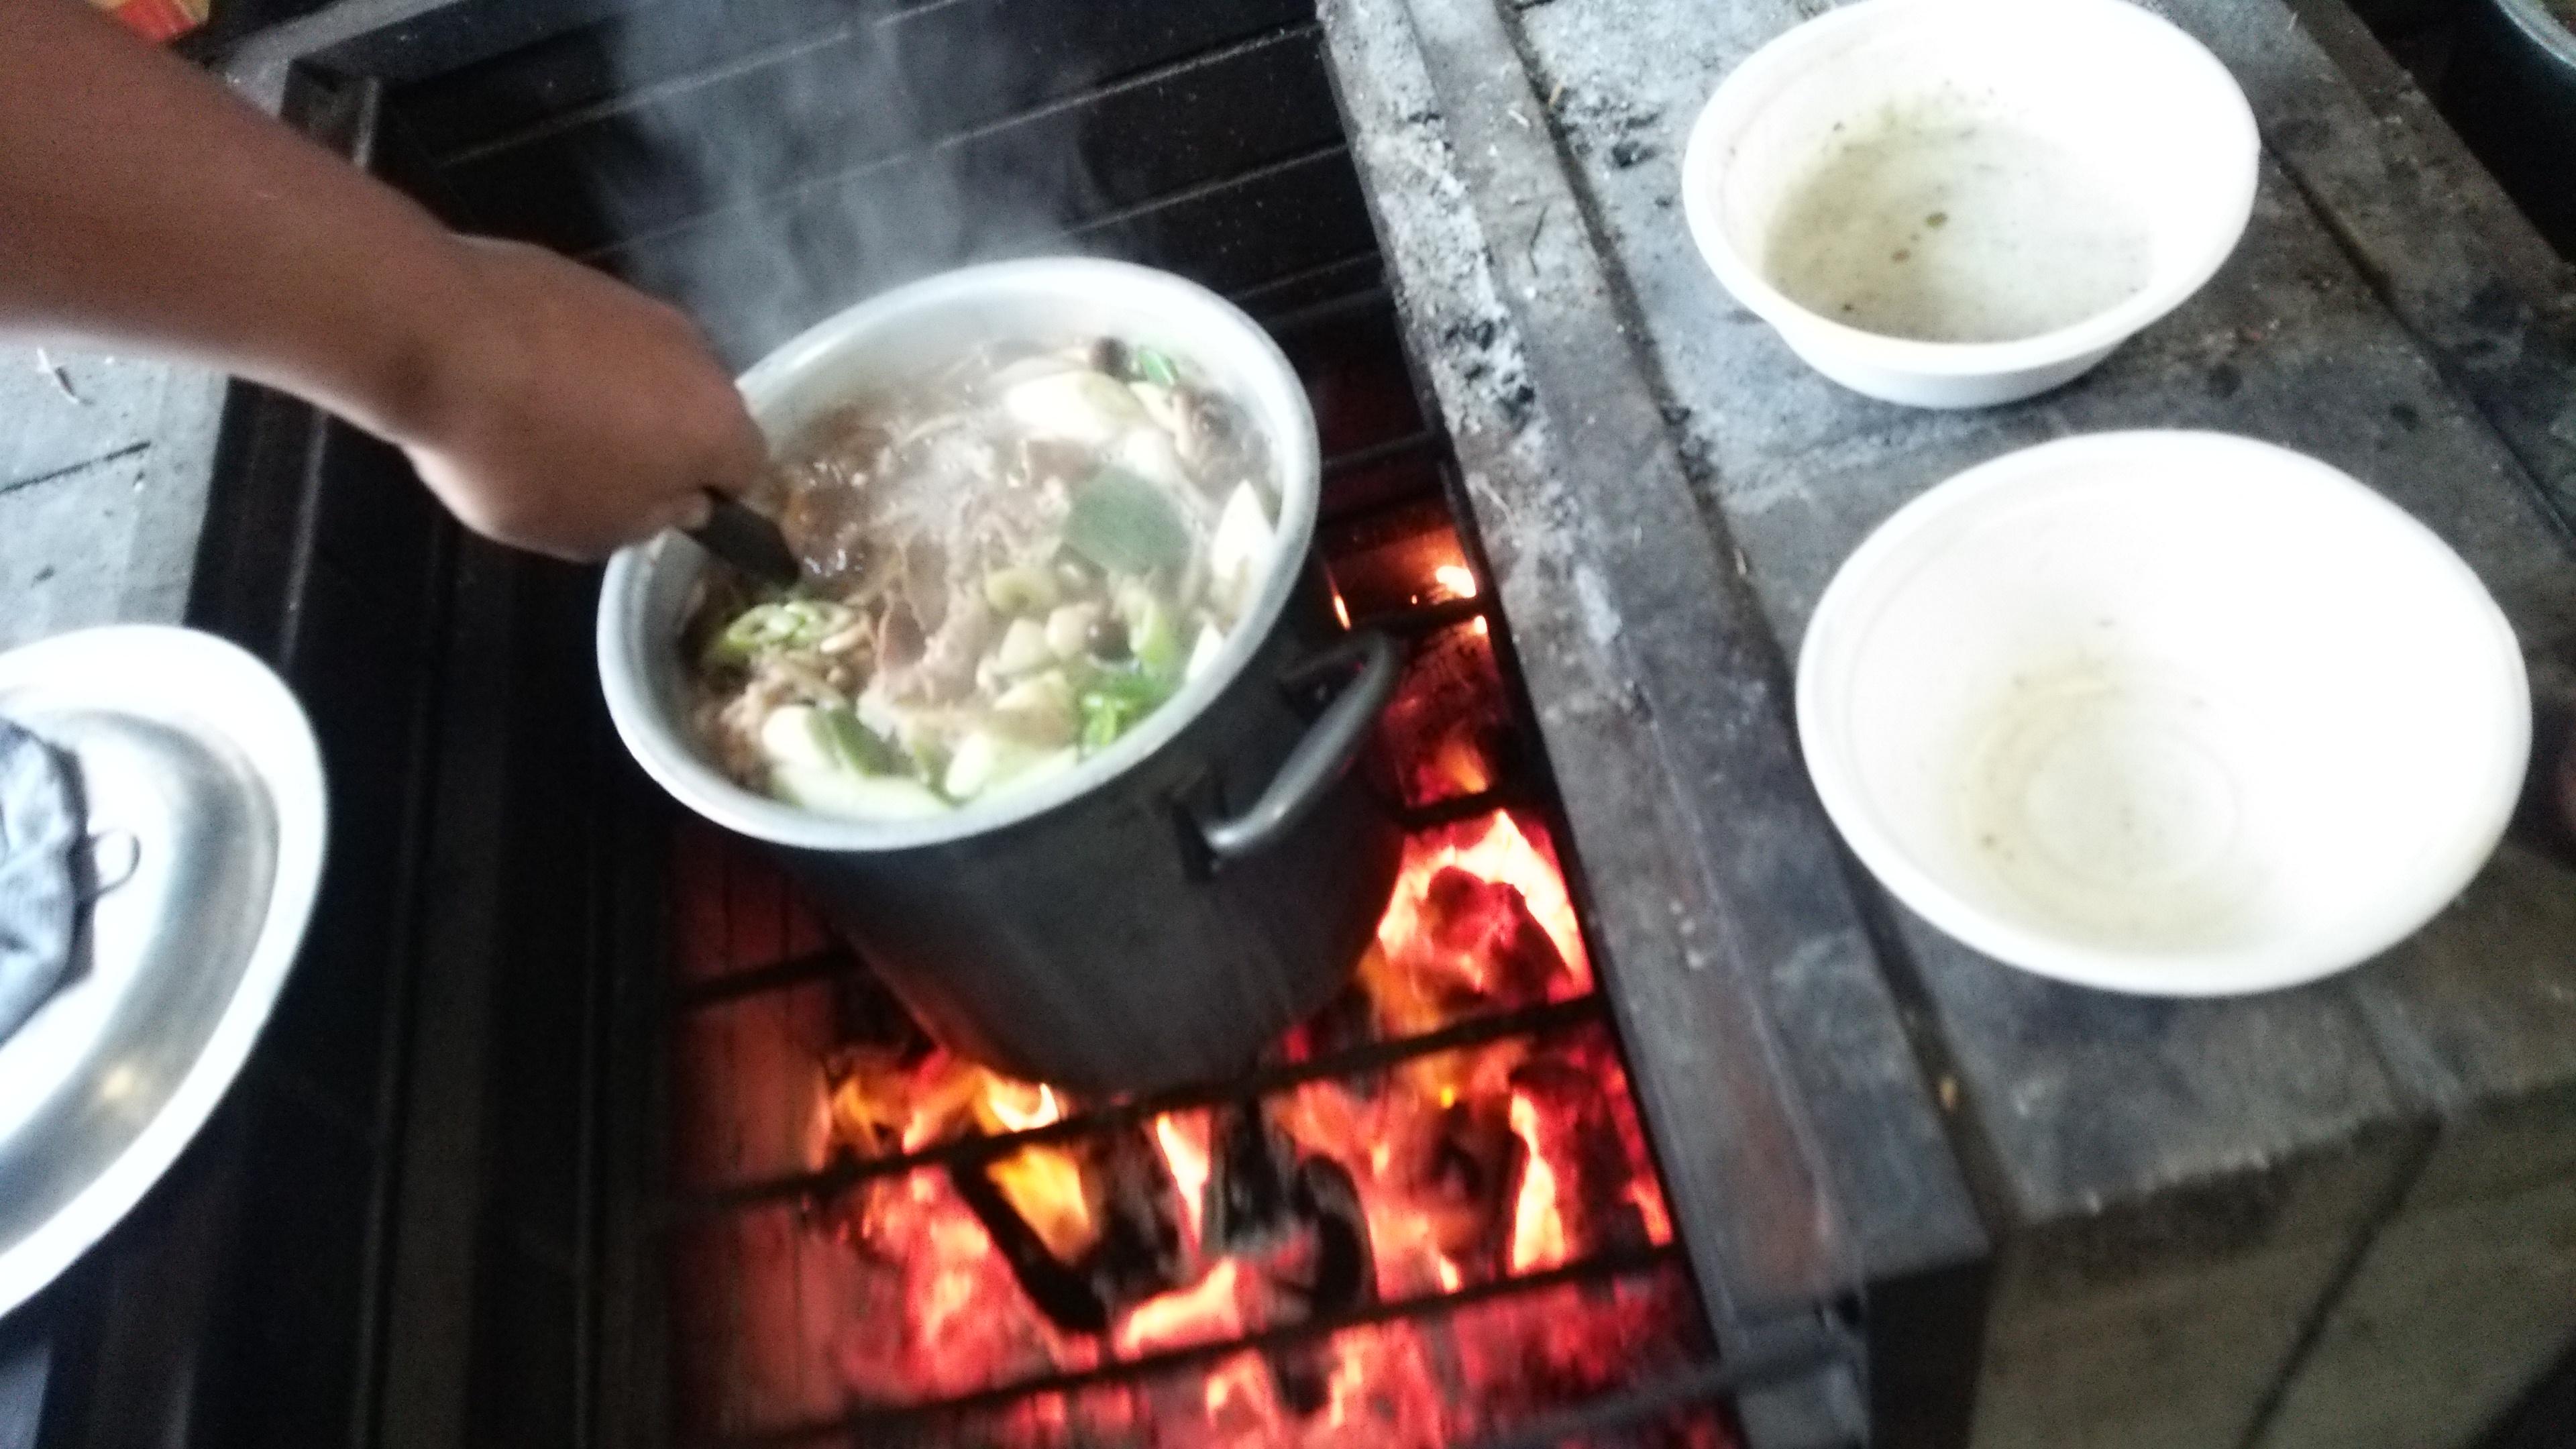 芋煮会に参加しました:イモニスト100人でつくる芋煮会in東京